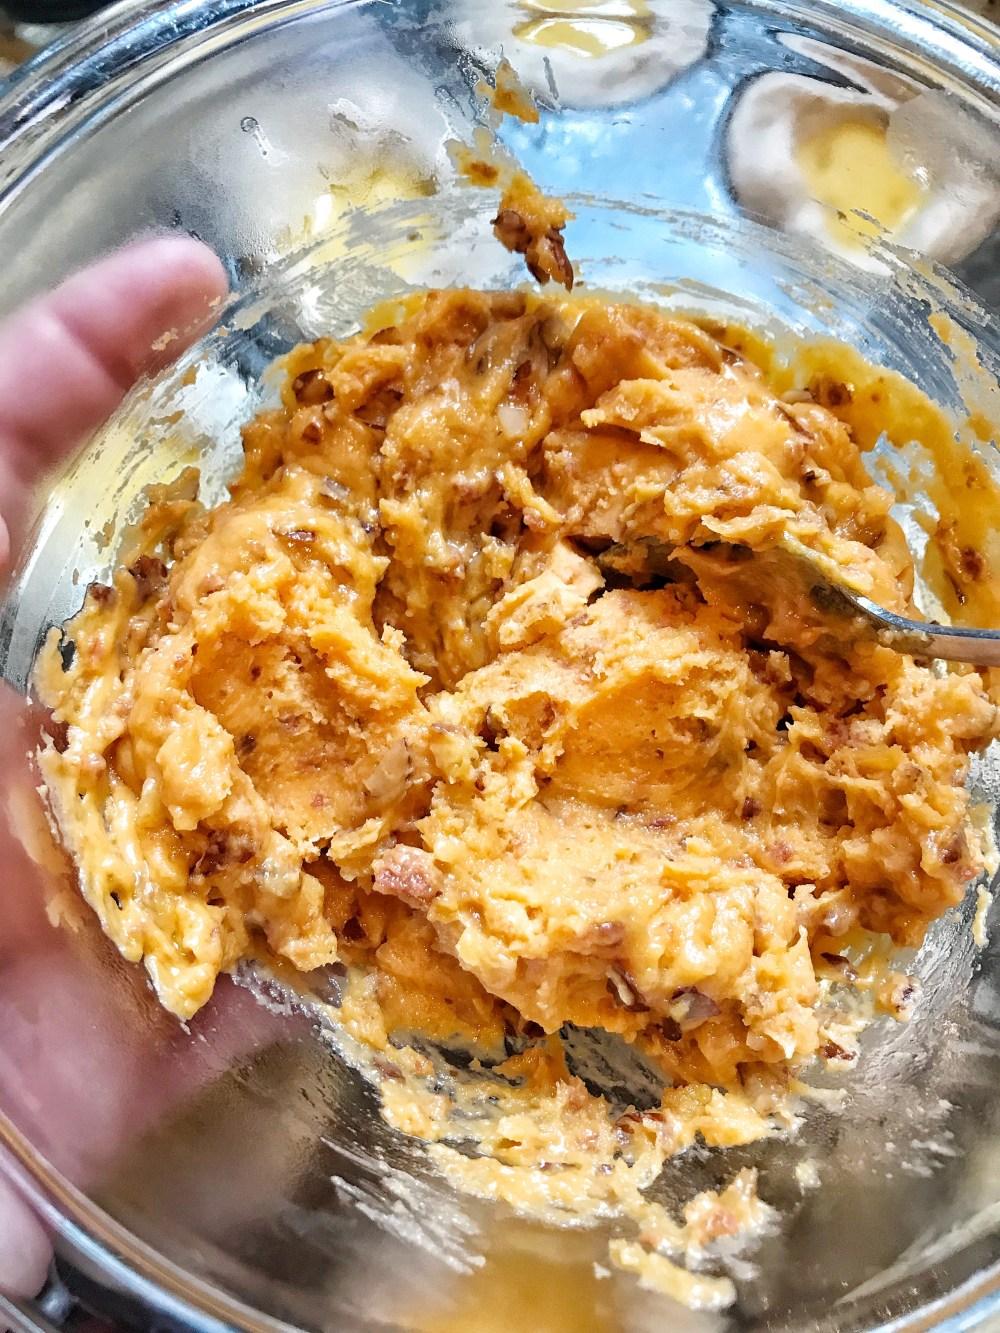 Cheddar Egg Biscuit